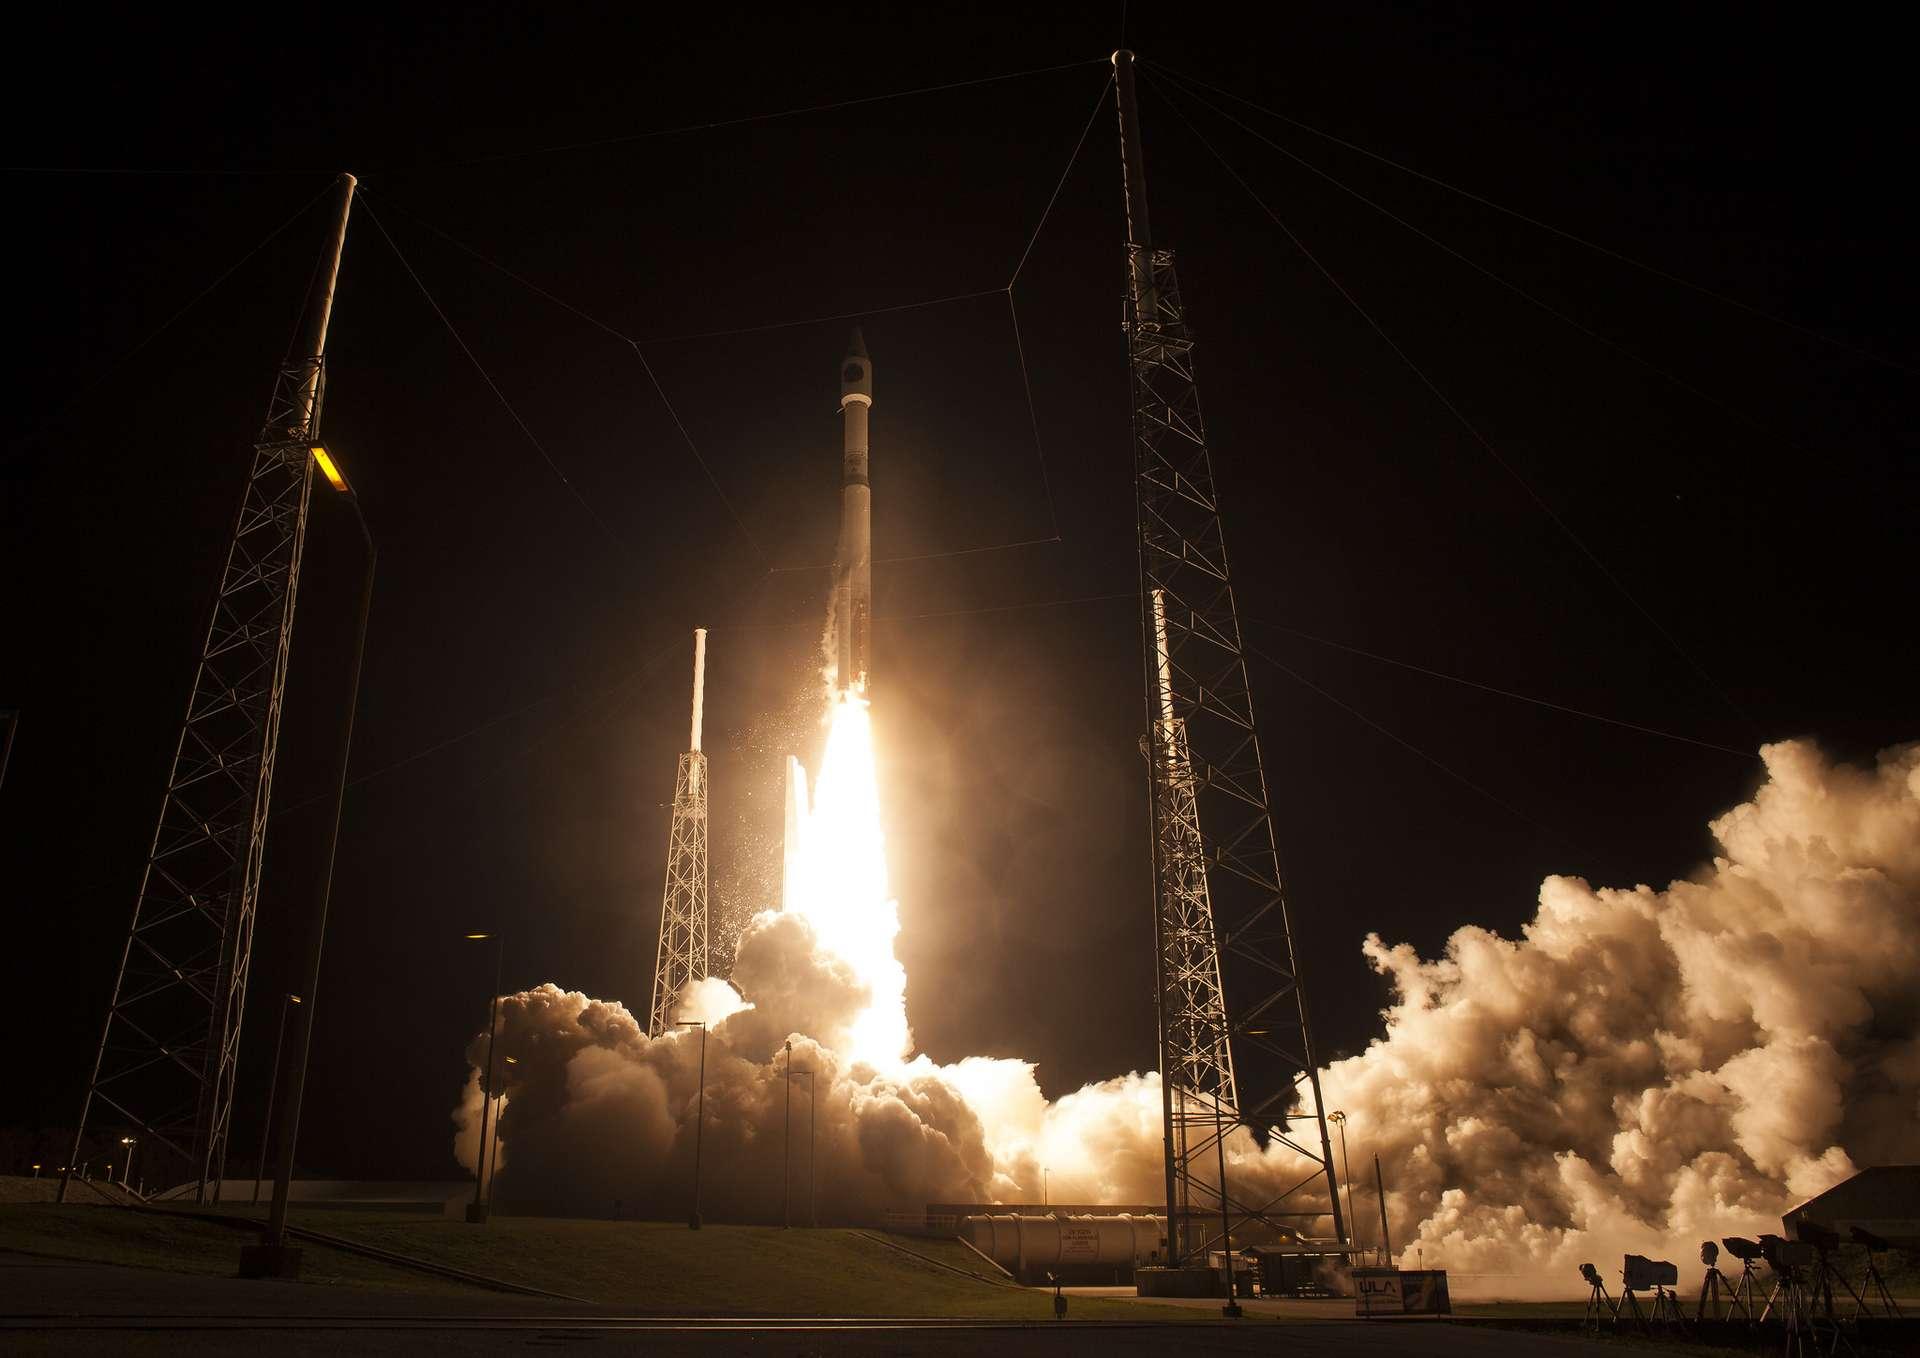 Une fusée Atlas V au décollage en 2015. © Nasa/Aubrey Gemignani, Flickr, CC By-NC-ND 2.0